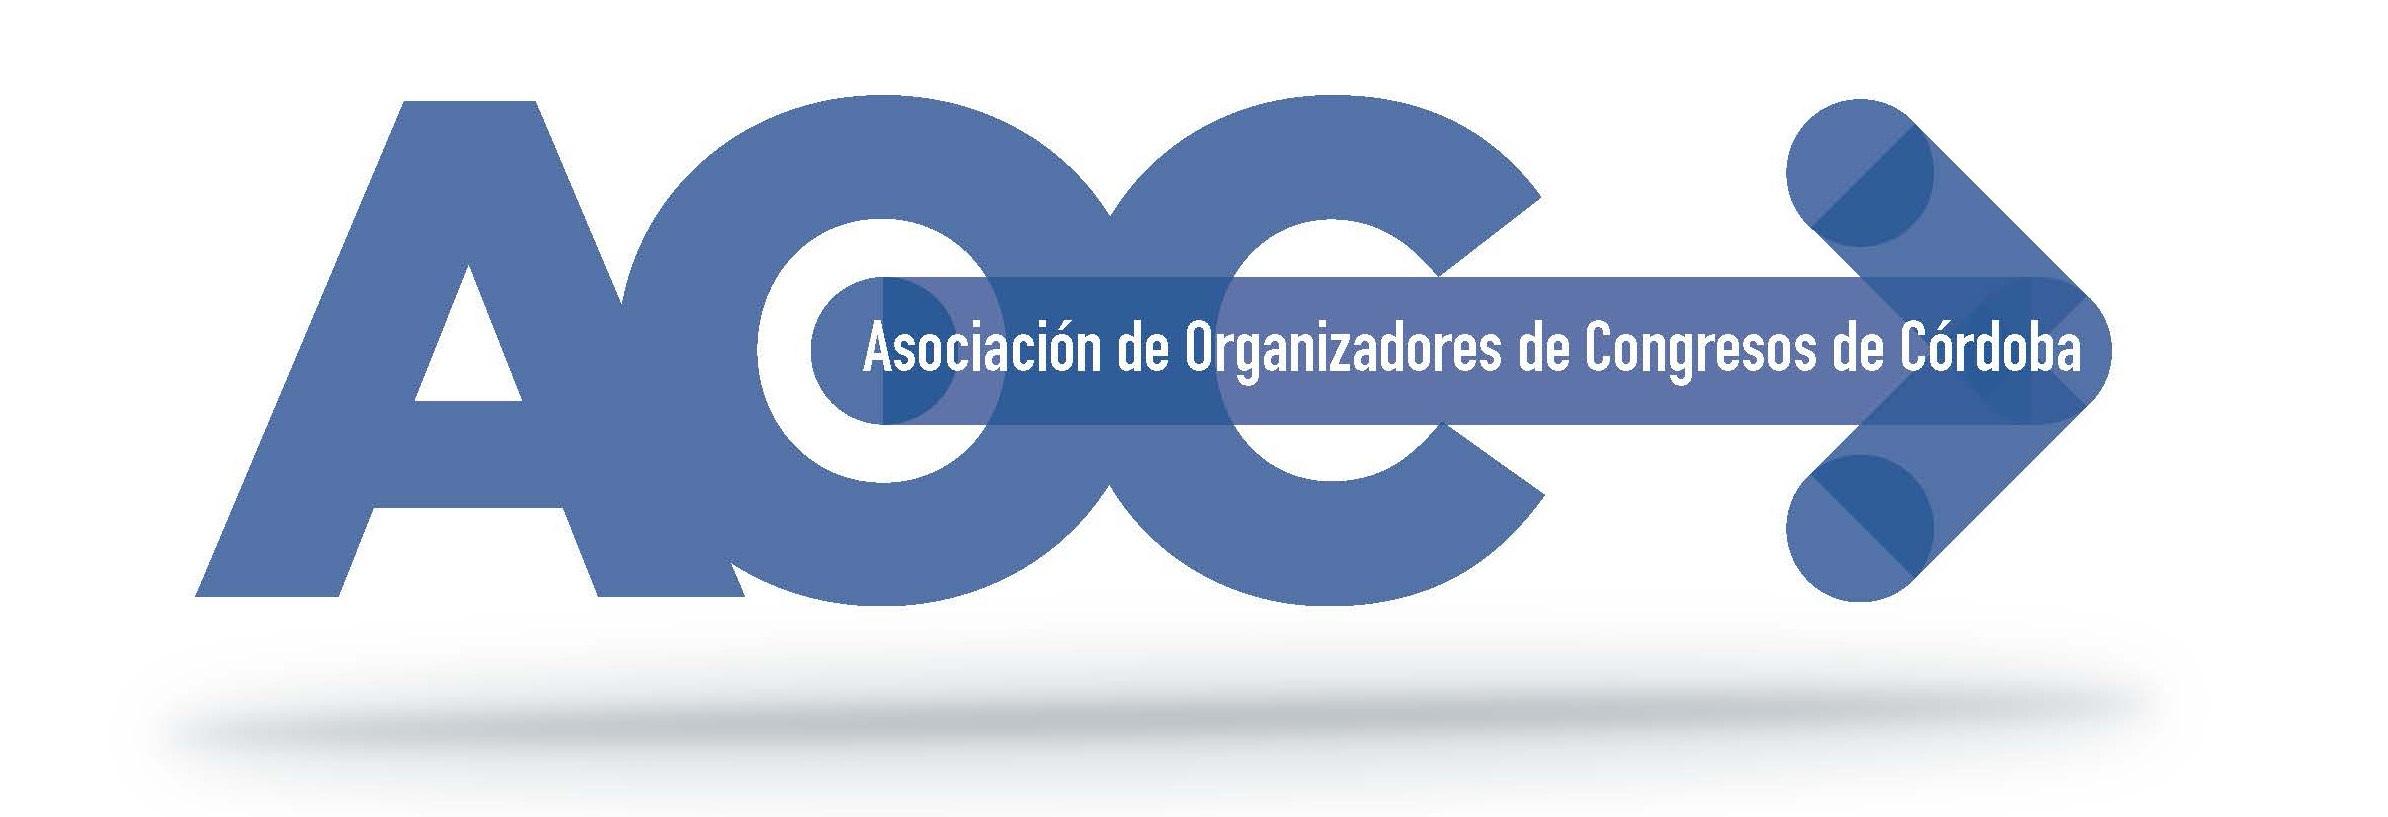 AOC Congresos y Eventos